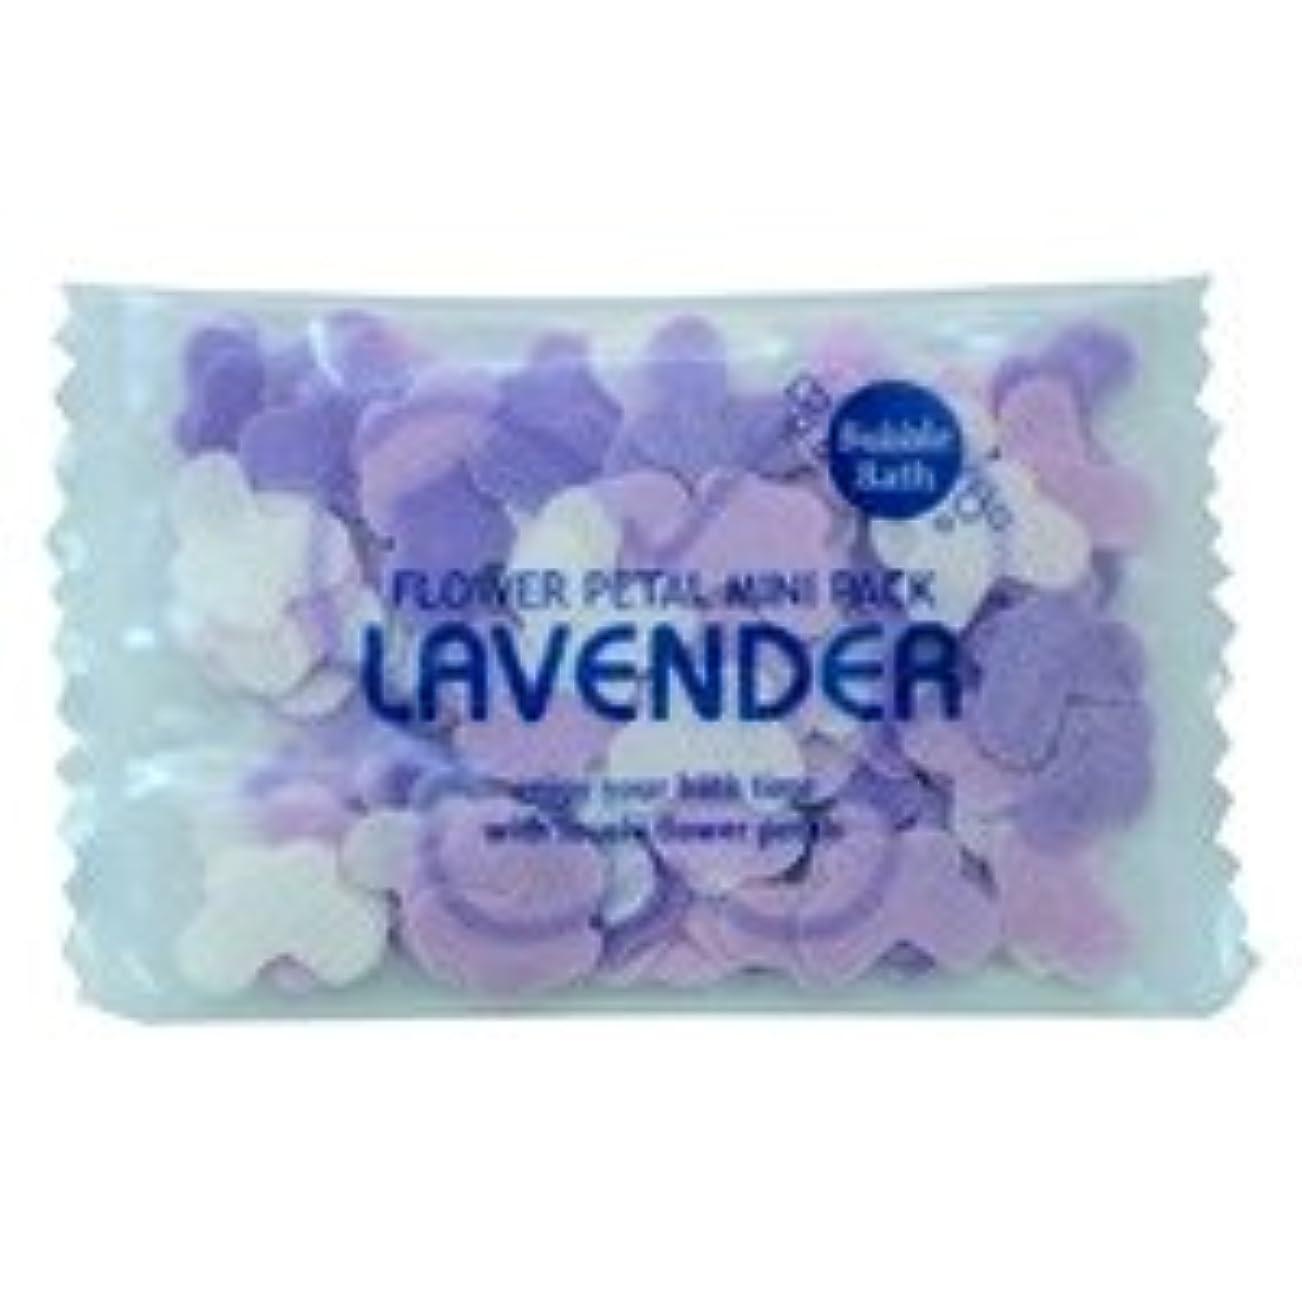 国民投票ダウンご予約フラワーペタル バブルバス ミニパック「ラベンダー」20個セット ゆったりリラックスしたい日に心を癒してくれるやさしいラベンダーの香り